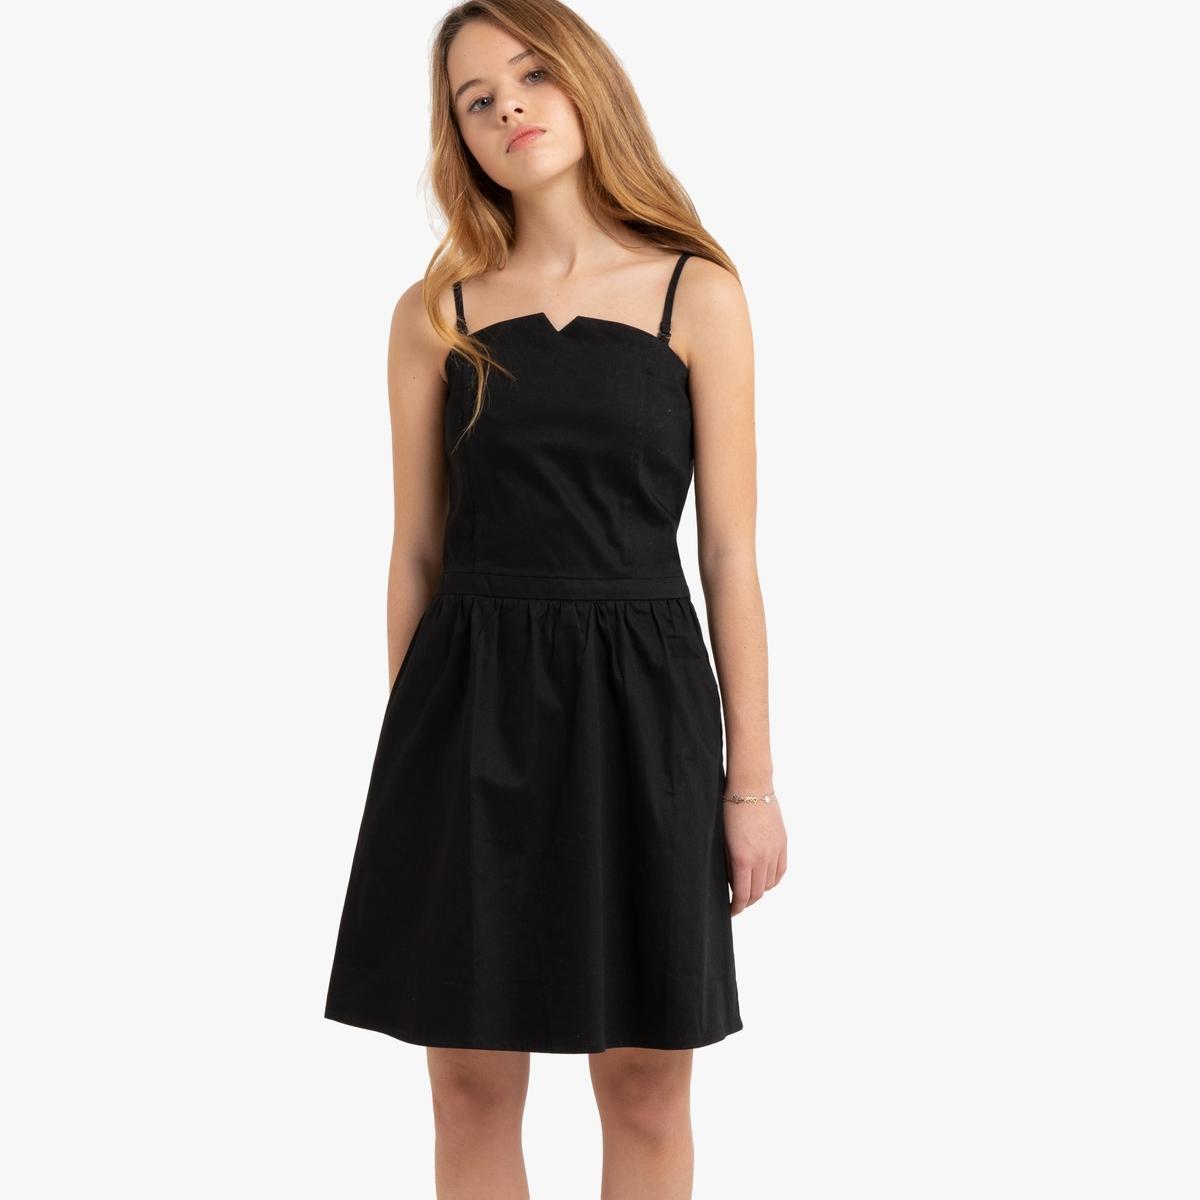 Платье-бюстье La Redoute La Redoute 14 лет - 156 см черный цена и фото